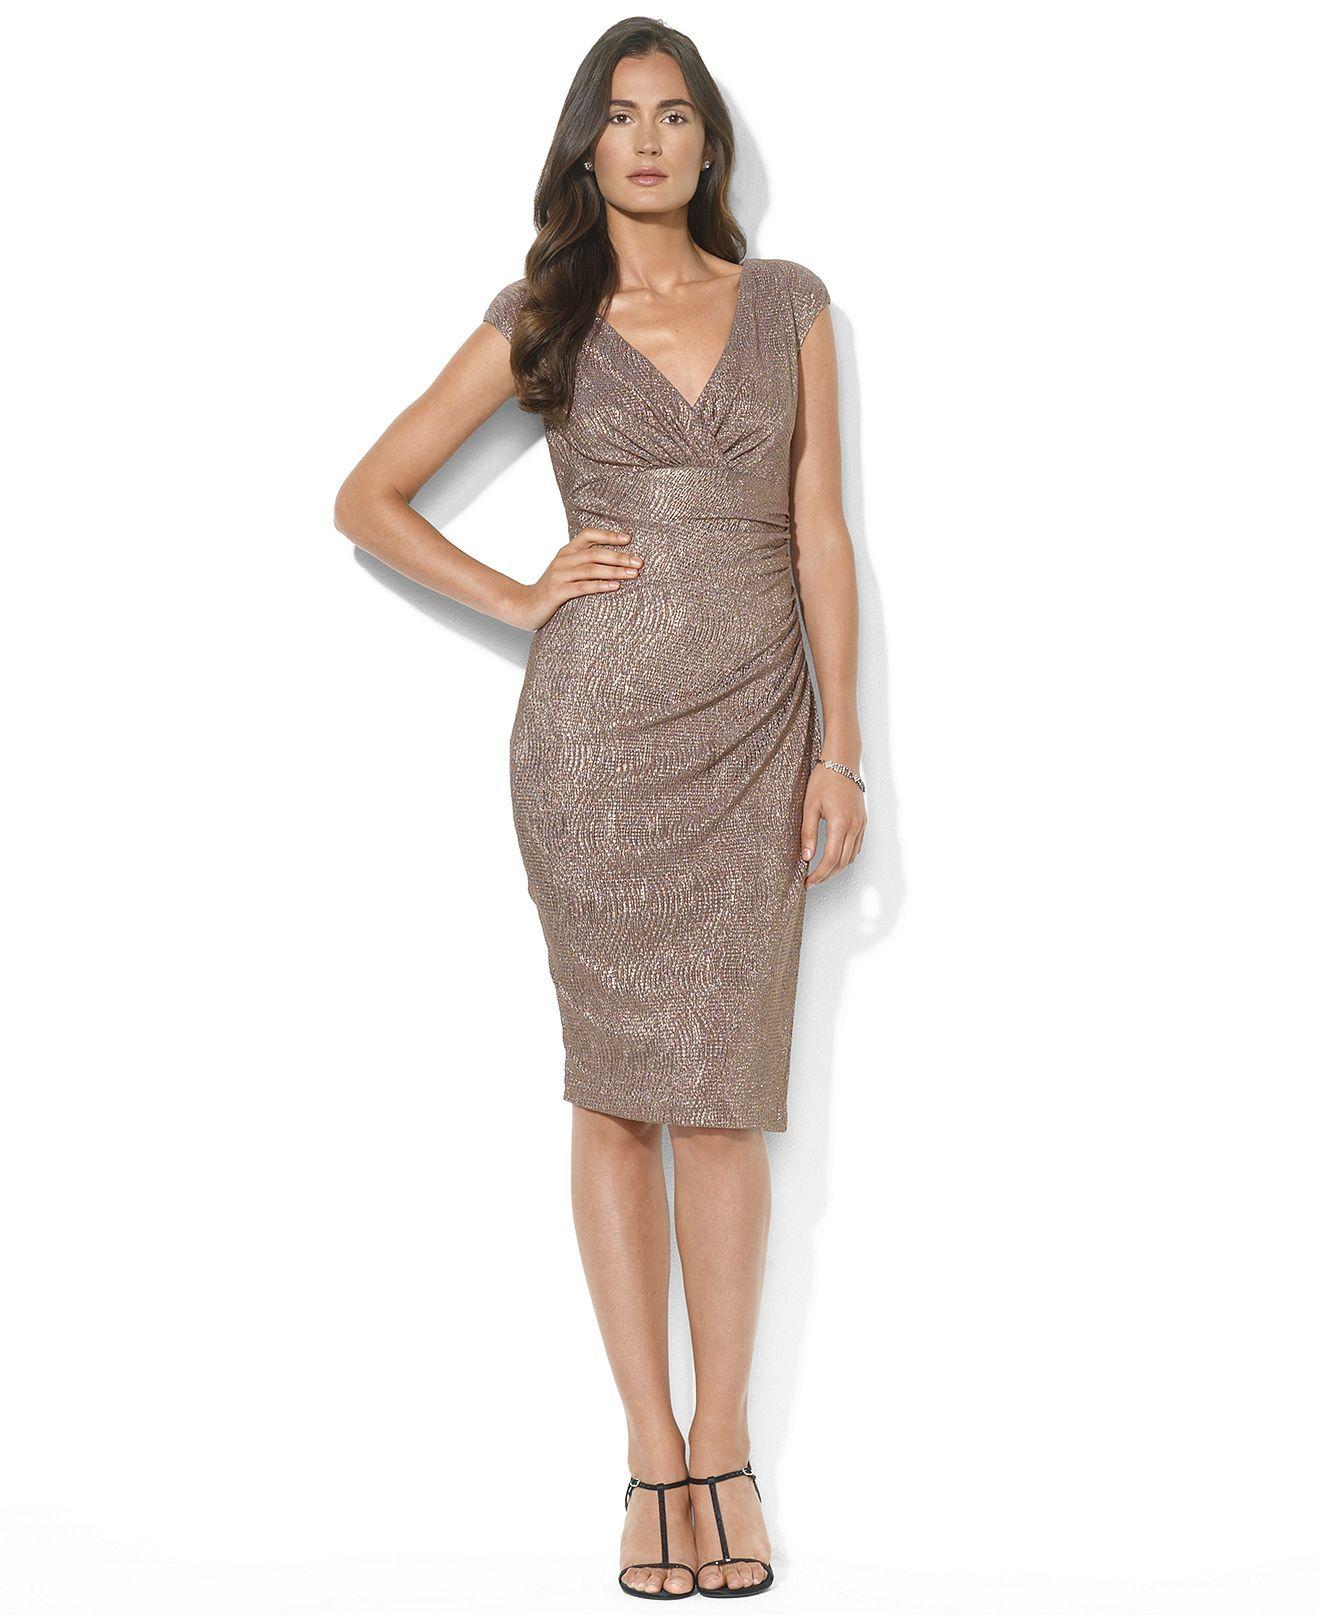 b6a6ff6c7f6 Lauren Ralph Lauren Dress